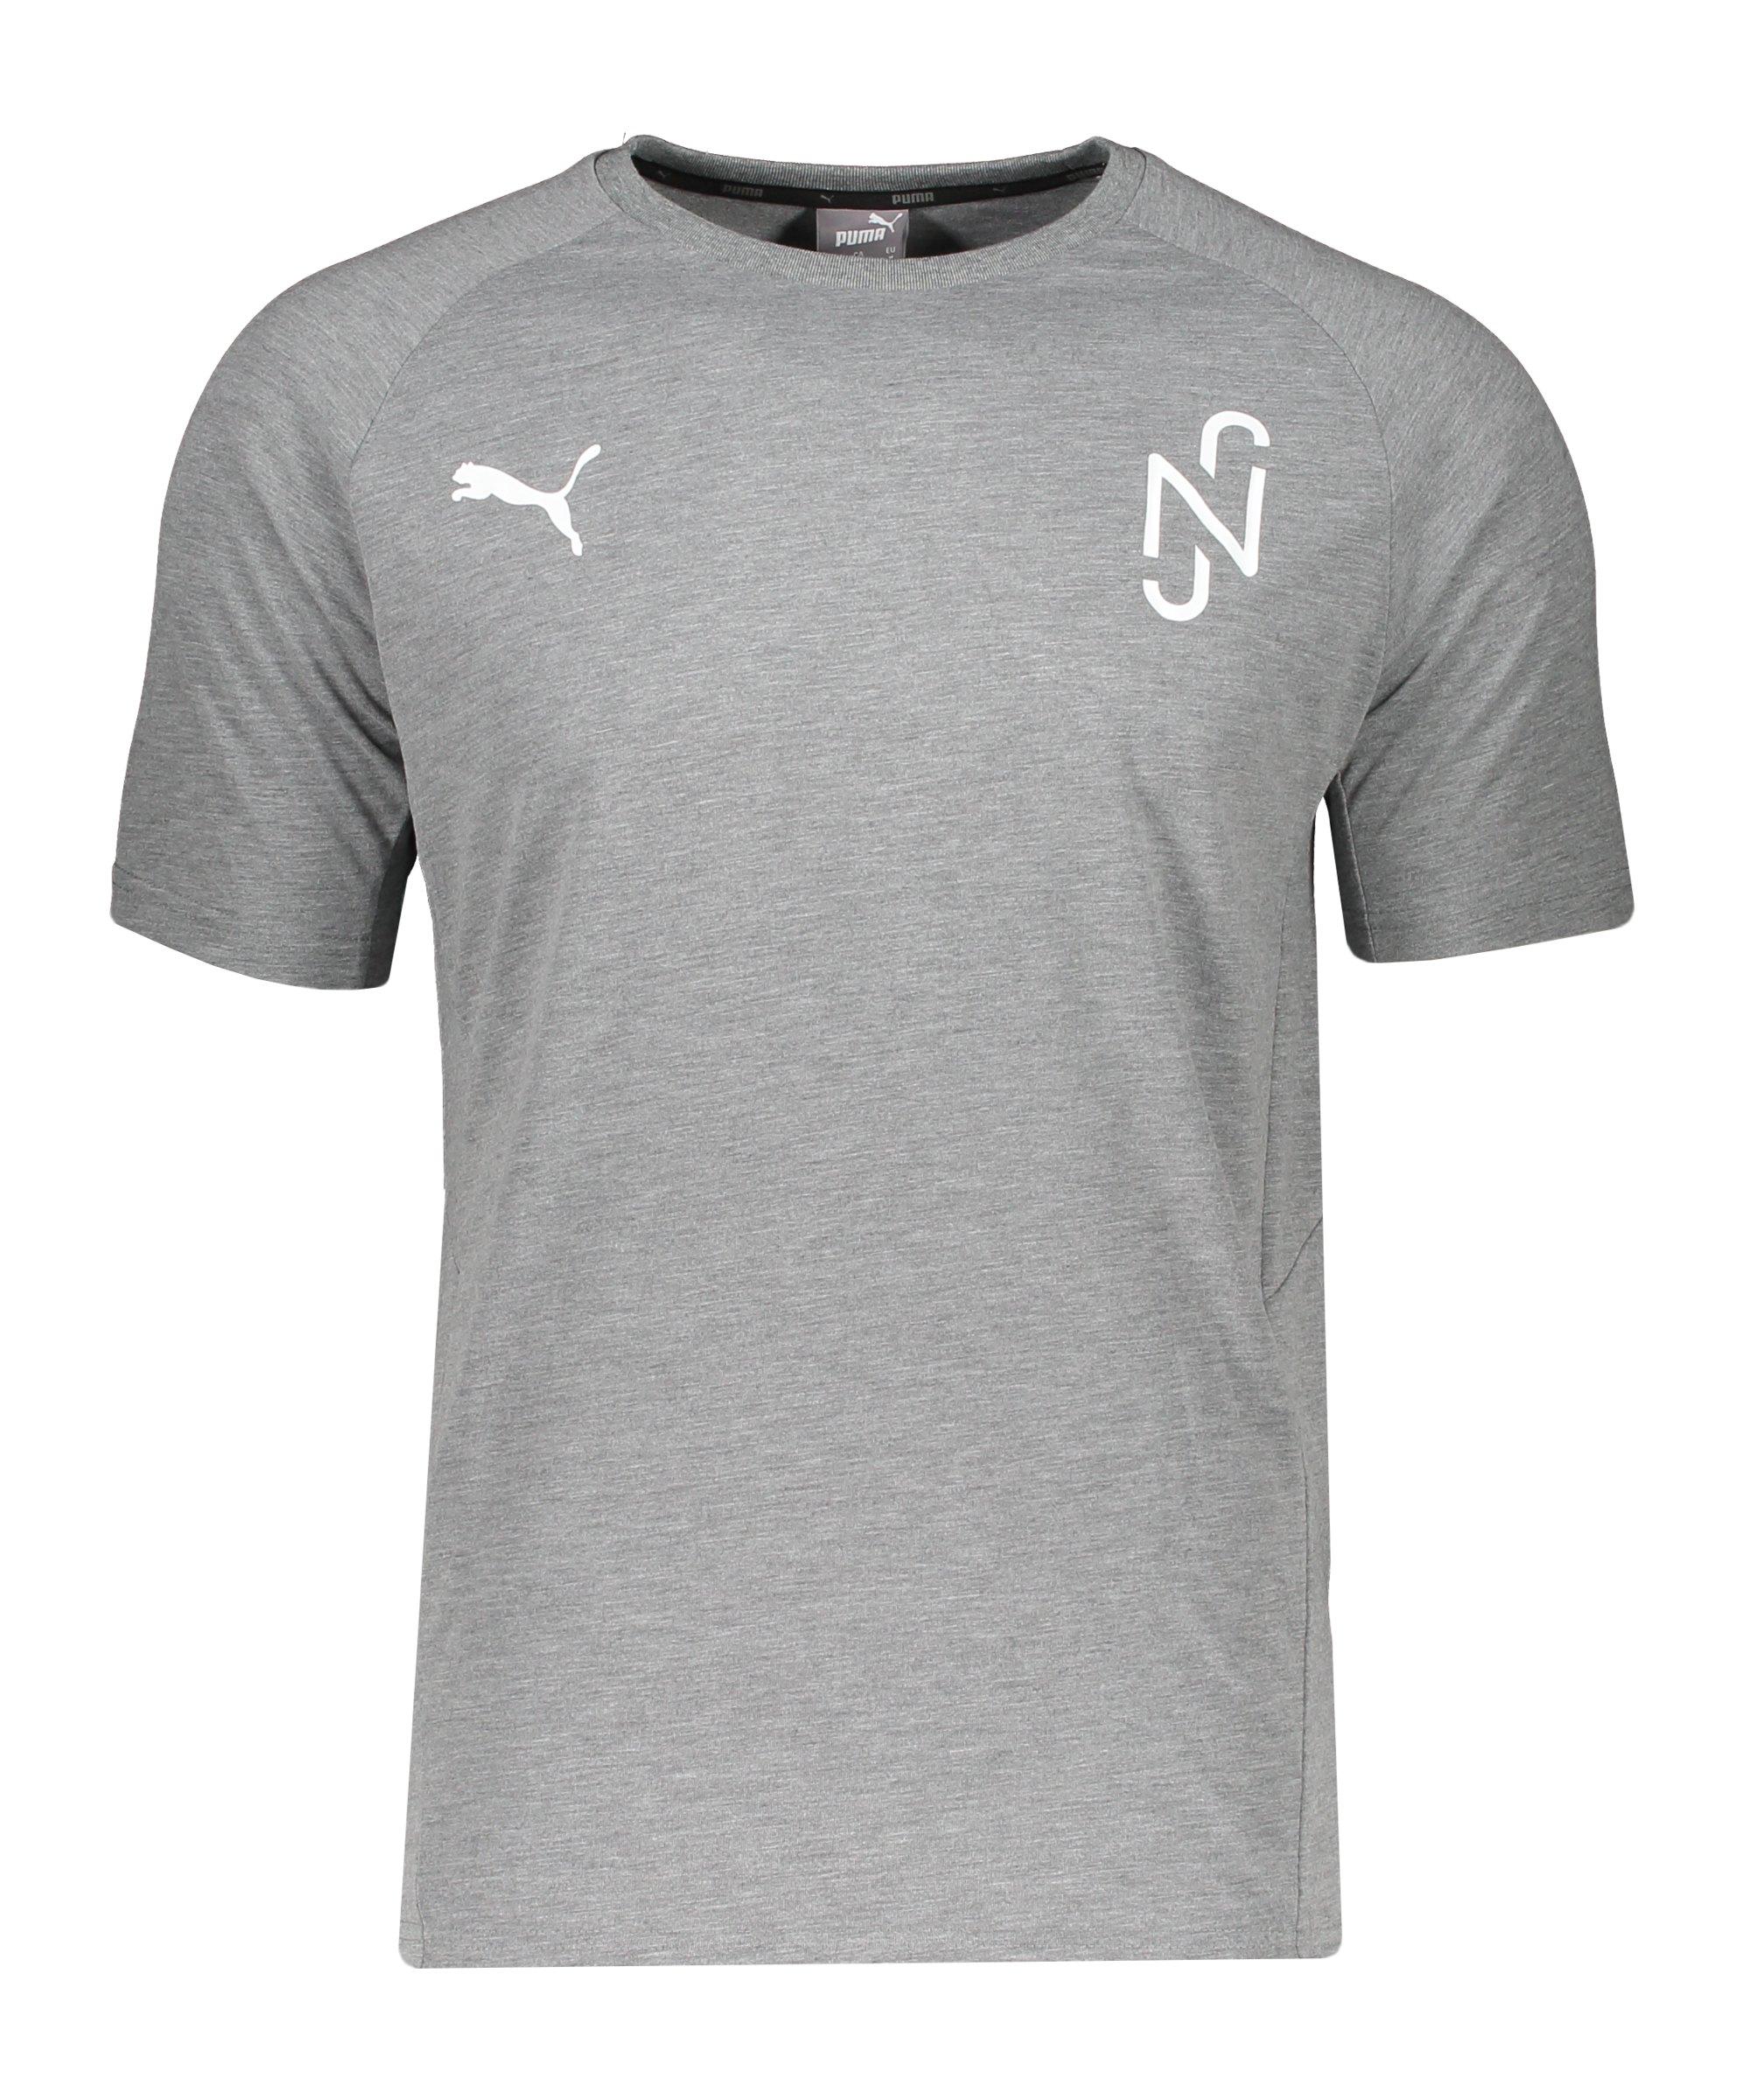 PUMA NJR Evostripe T-Shirt Grau F05 - grau